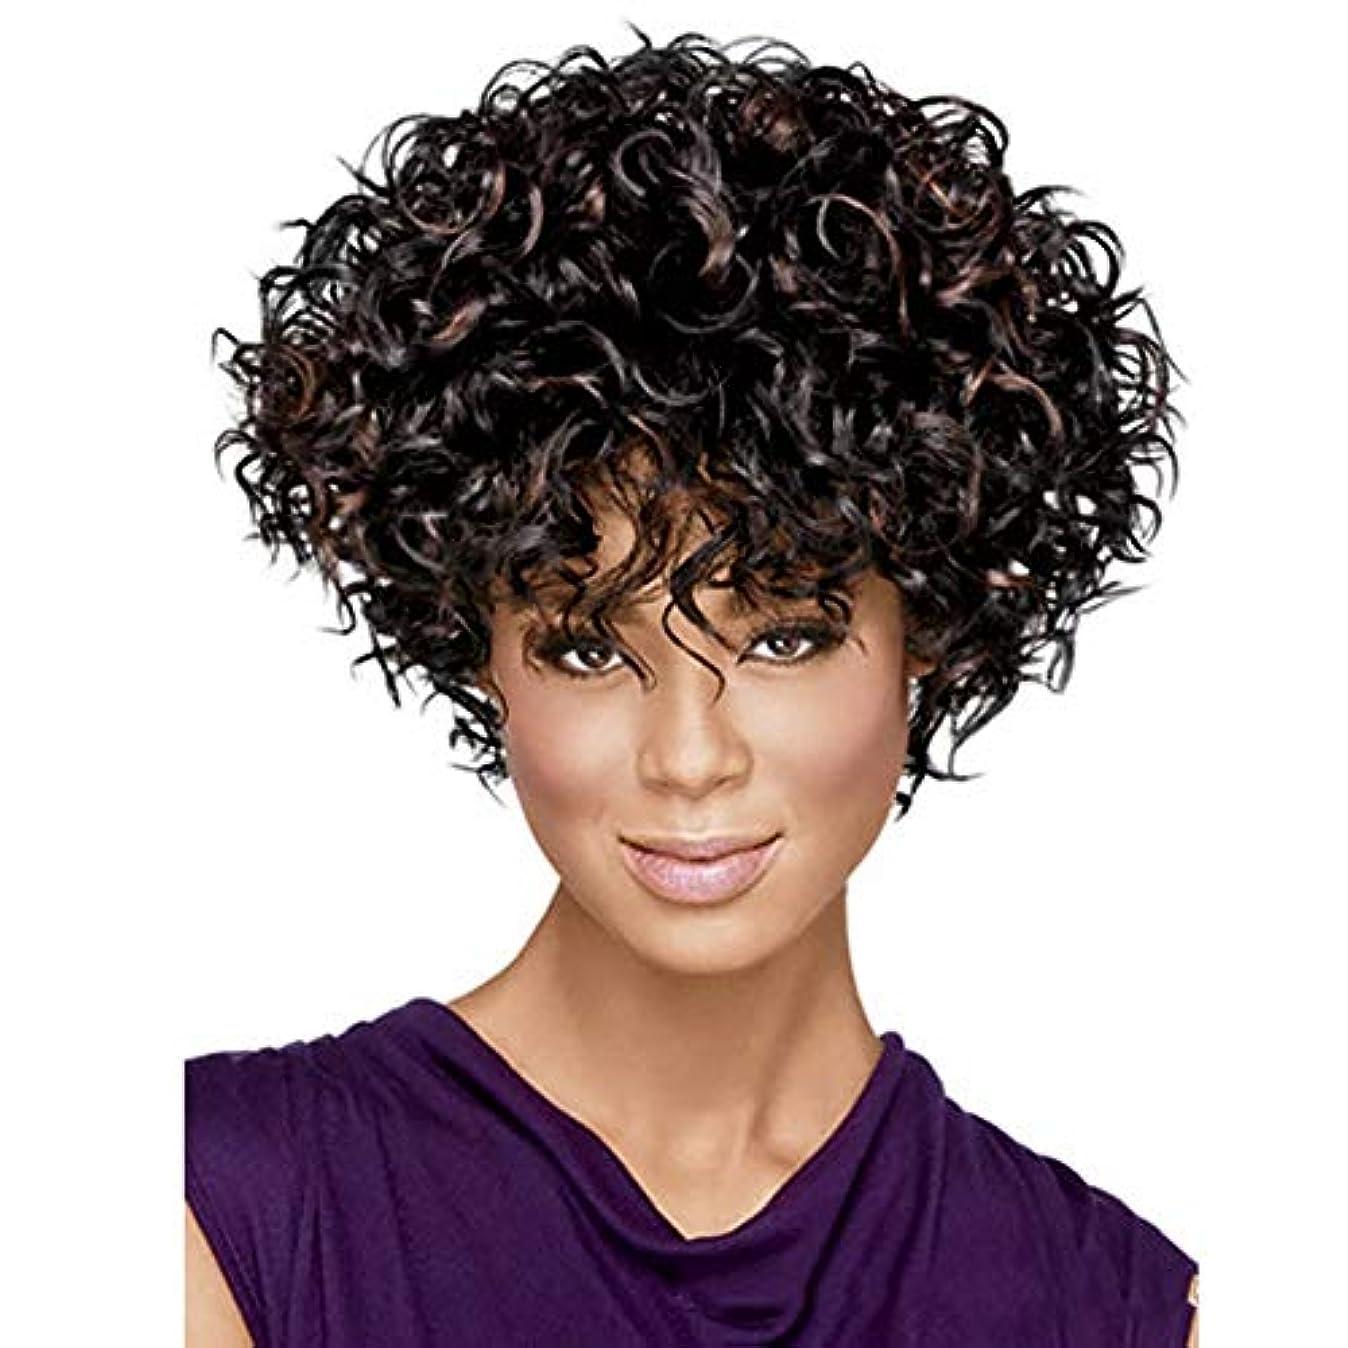 迫害スナップ装備するYOUQIU 女性の自然な人工毛かつら用ショートボブウィッグ6